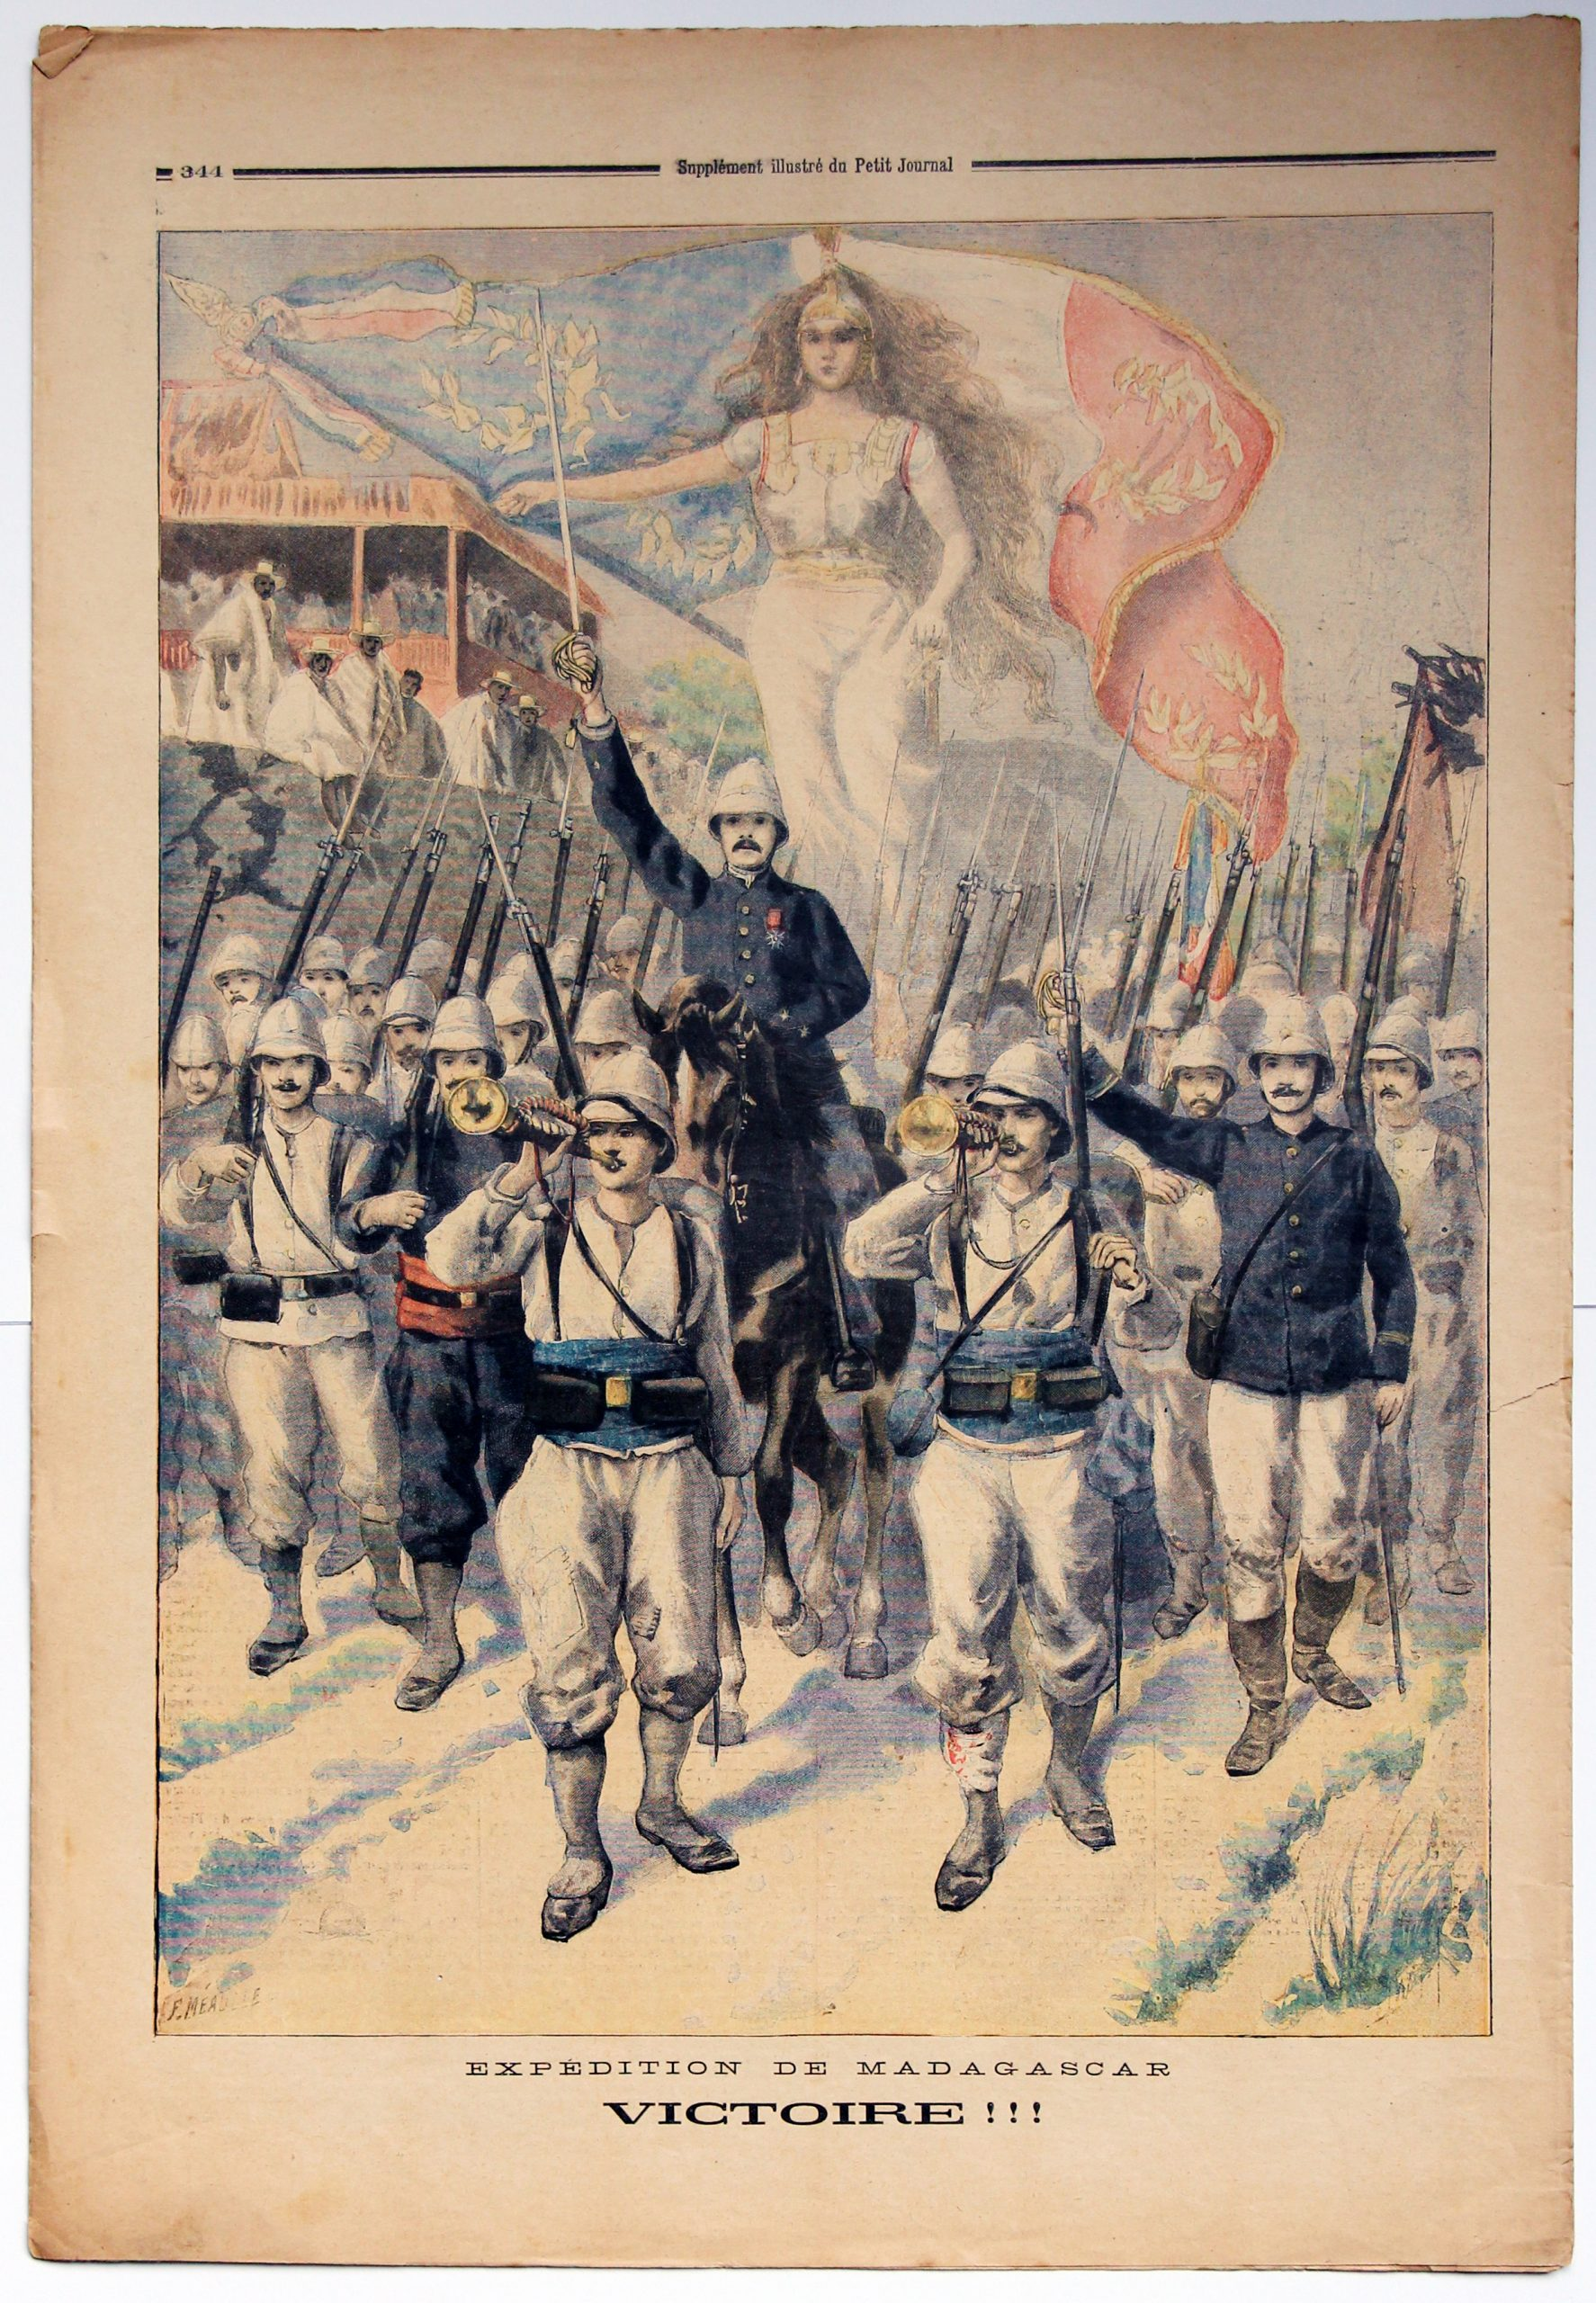 Le petit journal - supplément illustré - 27 octobre 1895 - Expédition de Madagascar - Victoire